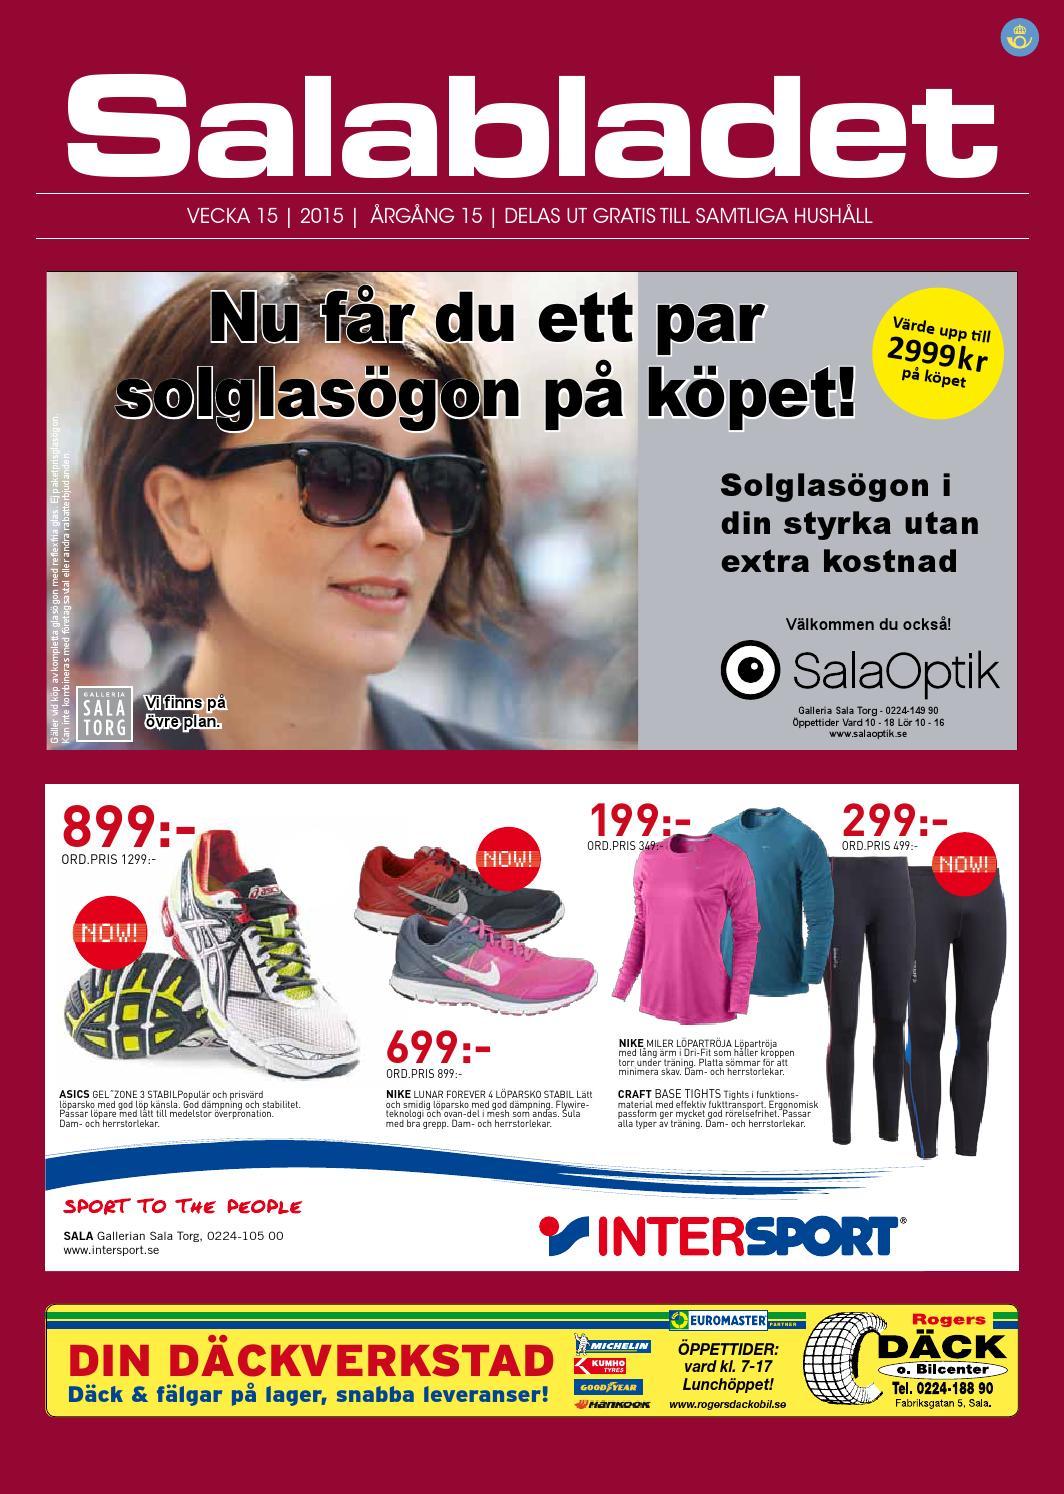 Kristofer Forsgren, 39 r i Vsterfrnebo p - unam.net